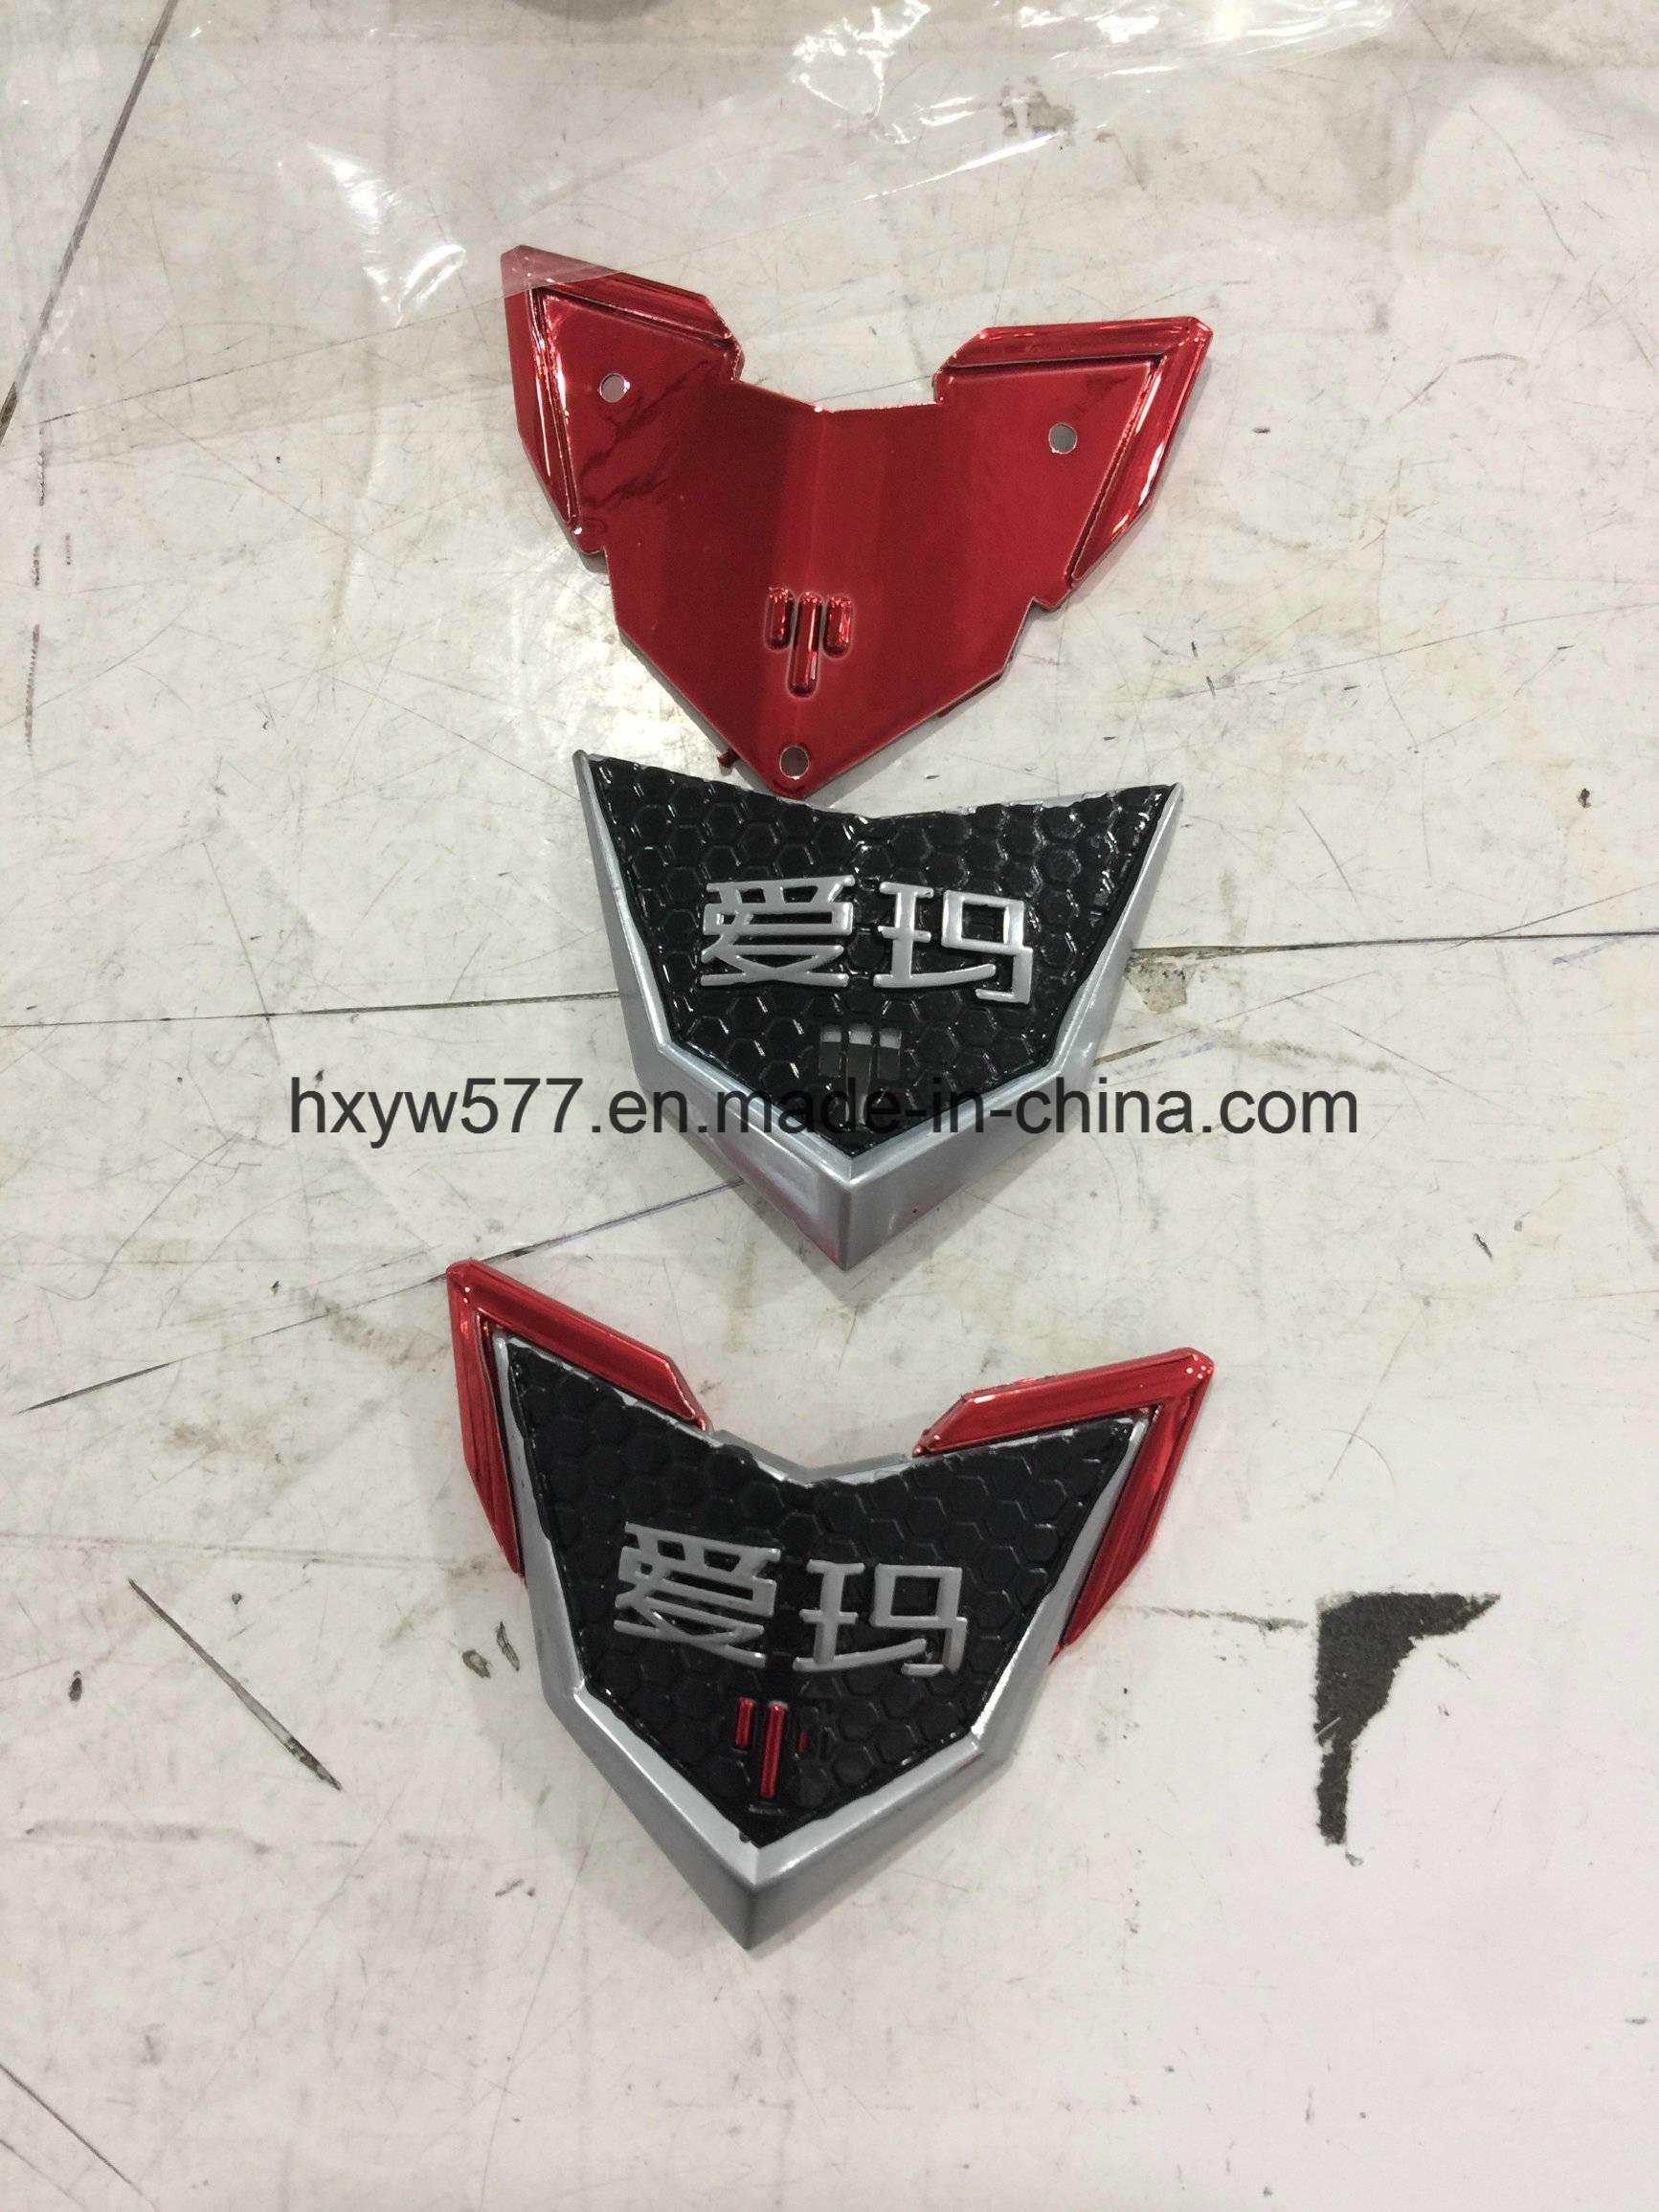 China Custom Abs Car Badges And Chrome Auto Emblems Car Metal Logo